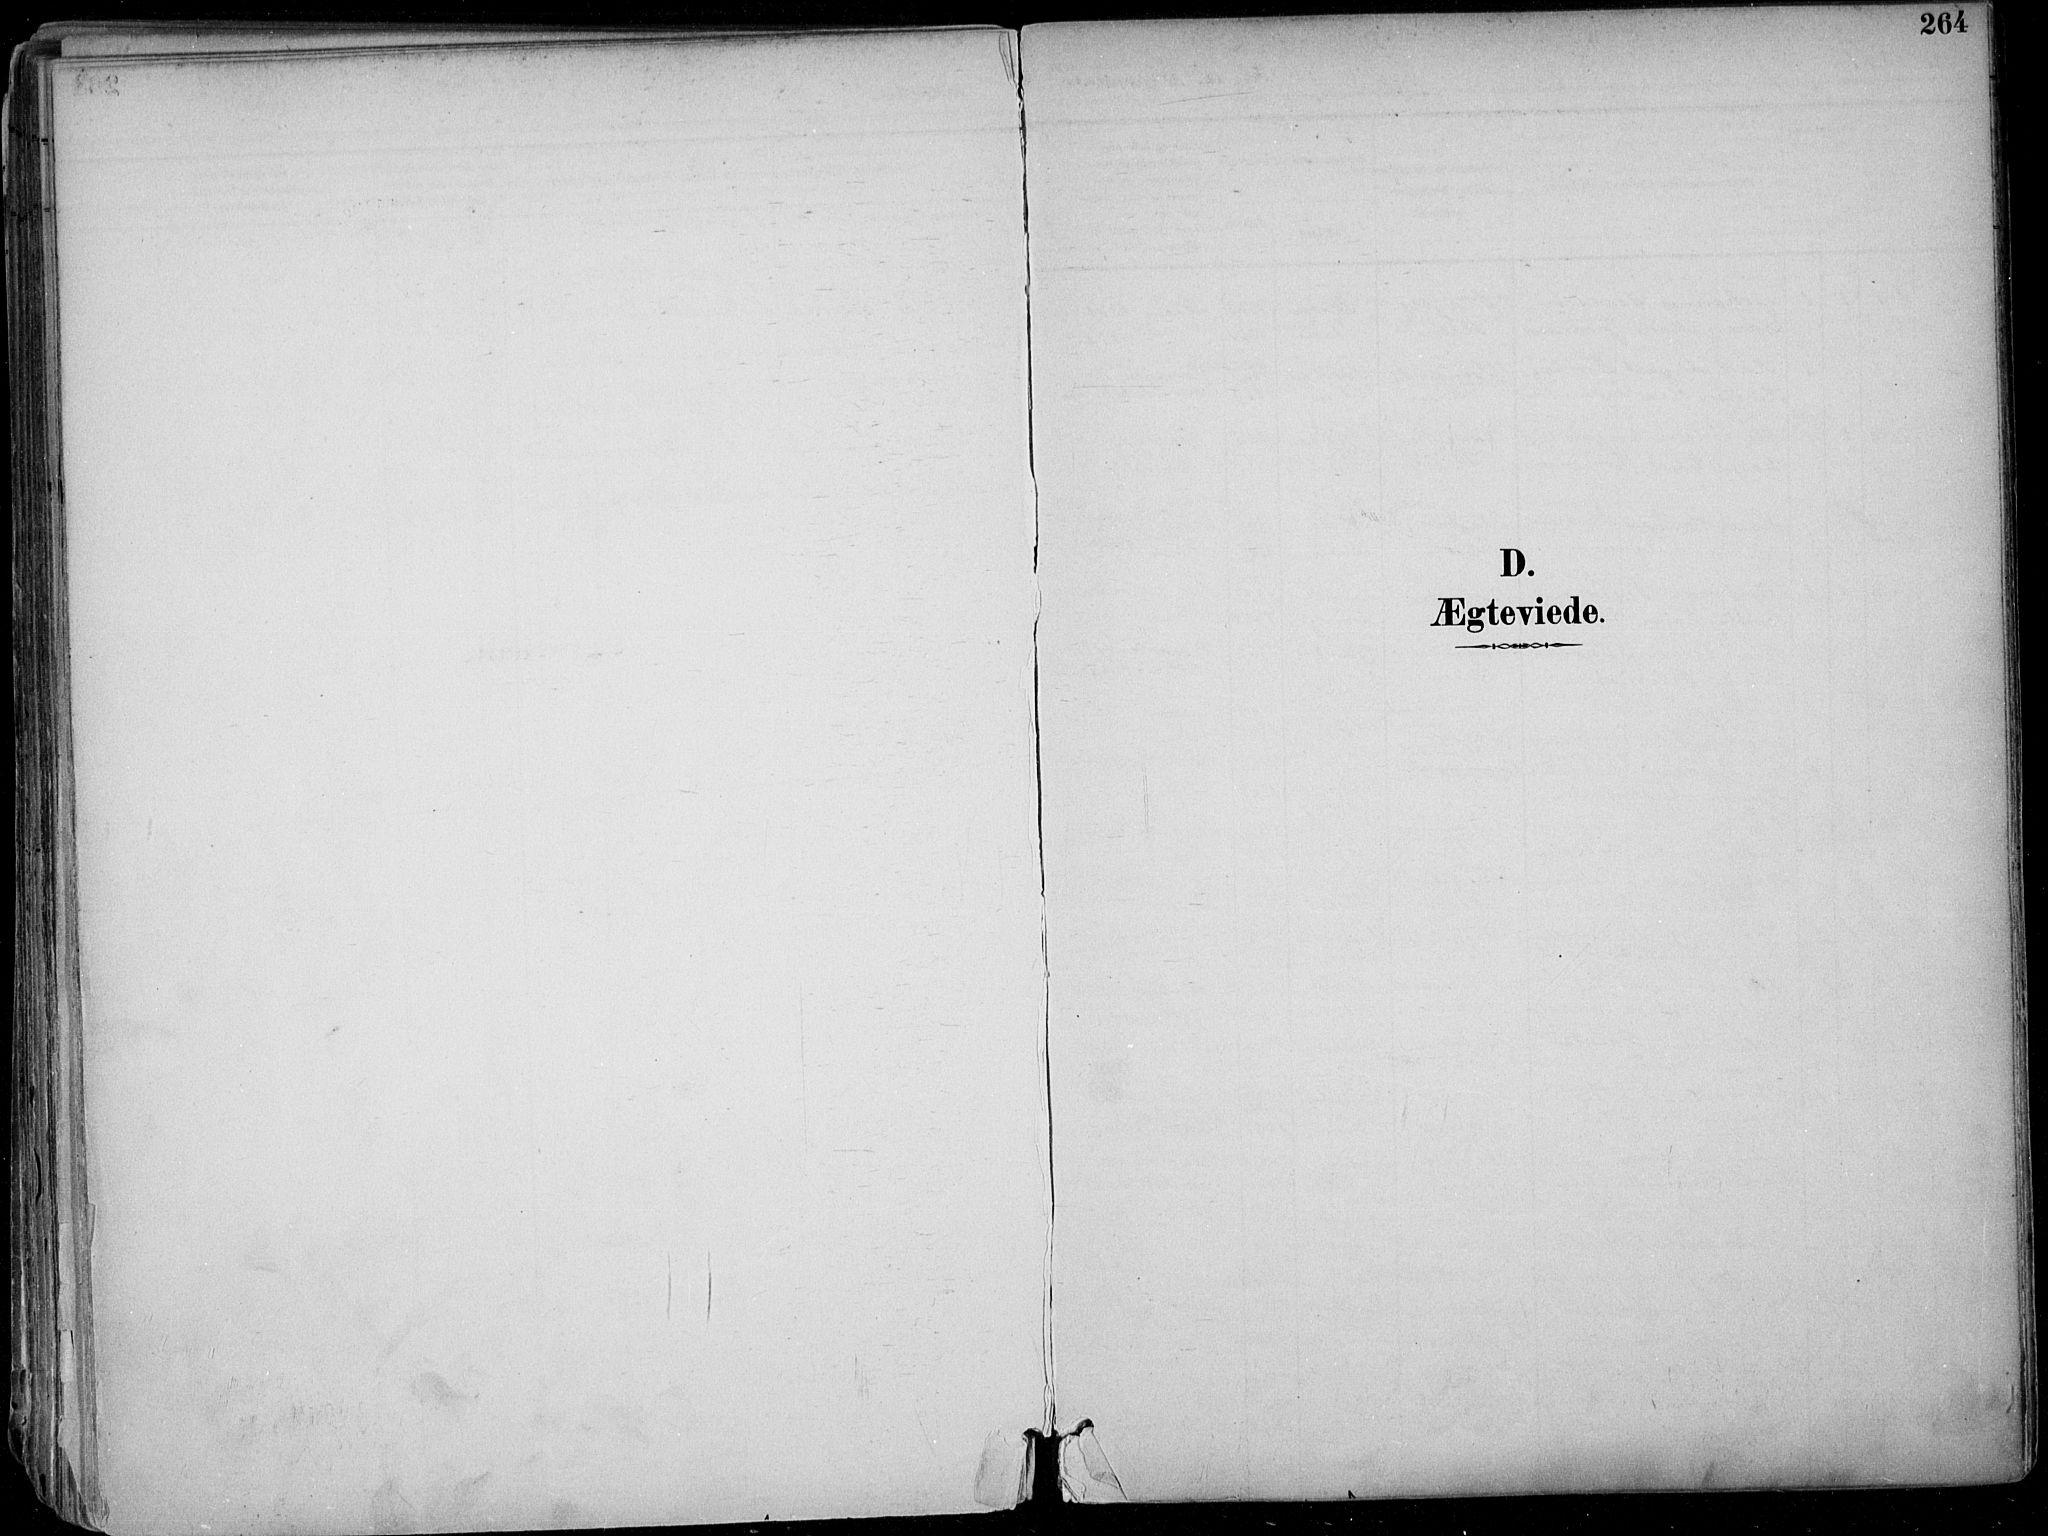 SAKO, Skien kirkebøker, F/Fa/L0010: Ministerialbok nr. 10, 1891-1899, s. 264